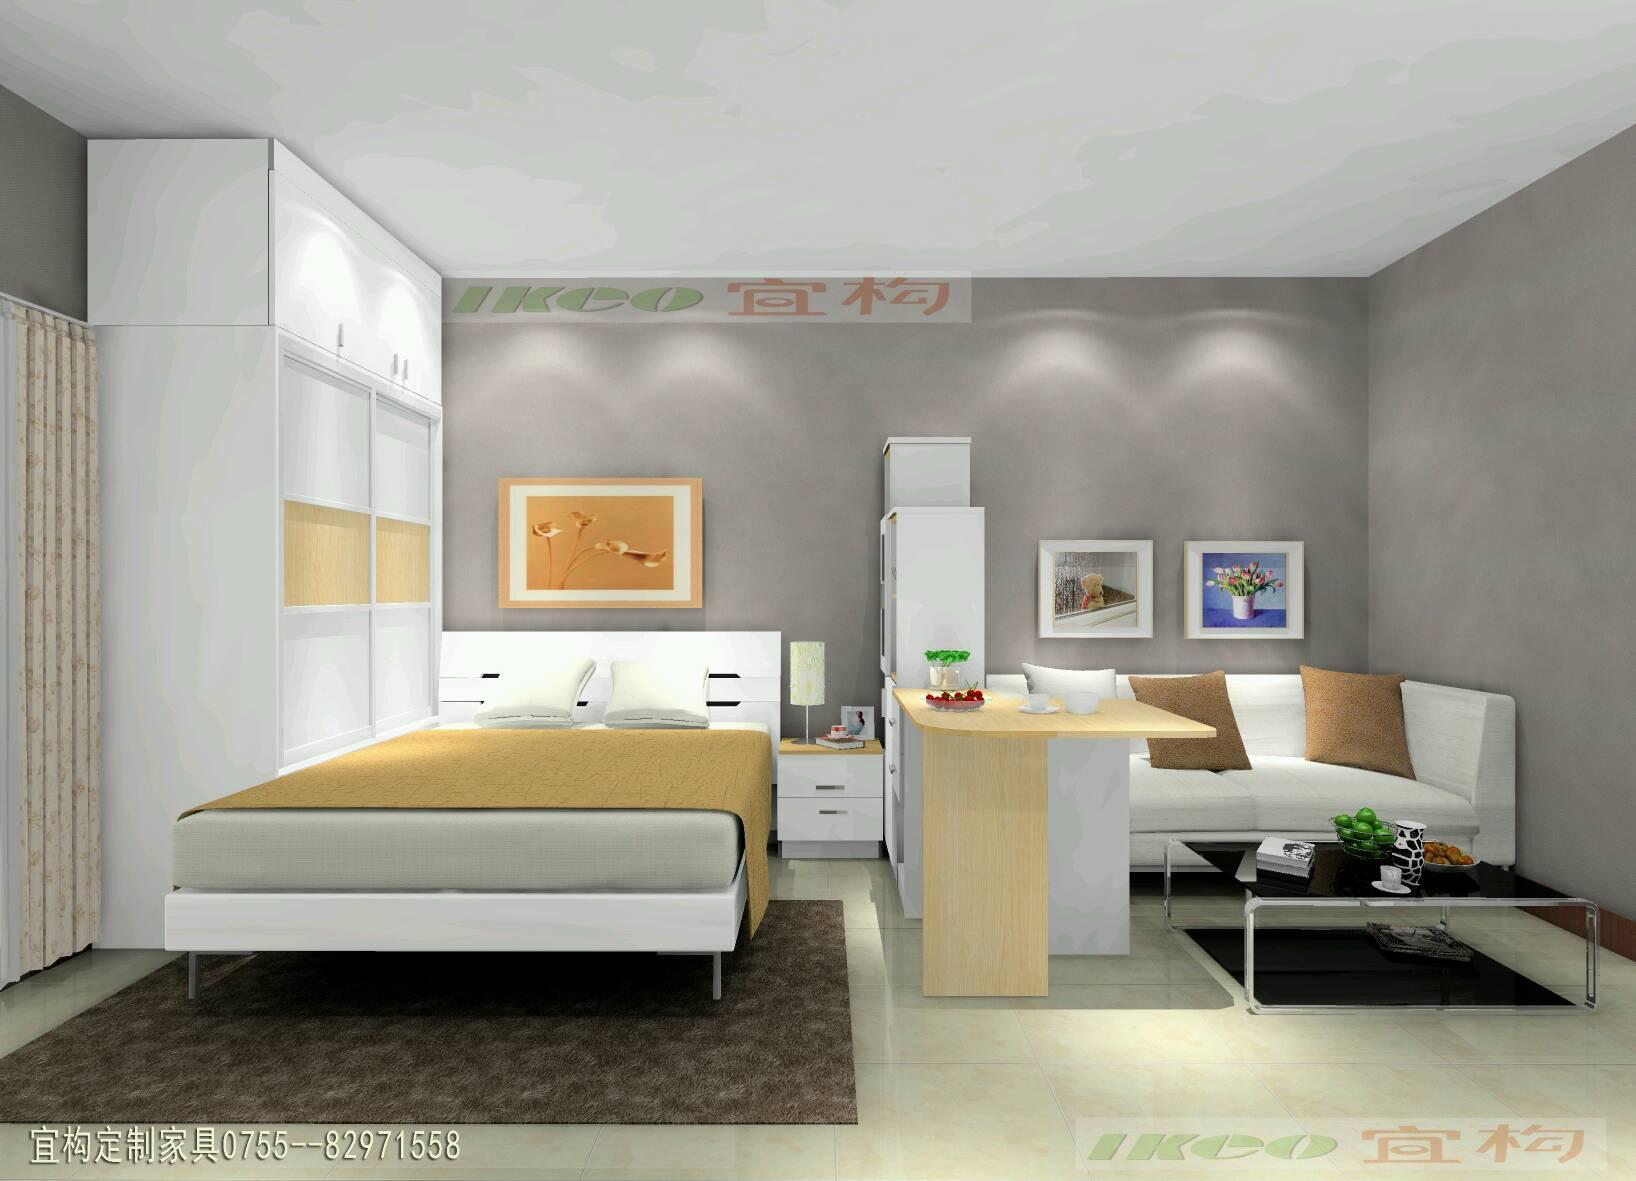 白石龙龙泽苑单身公寓设计方案